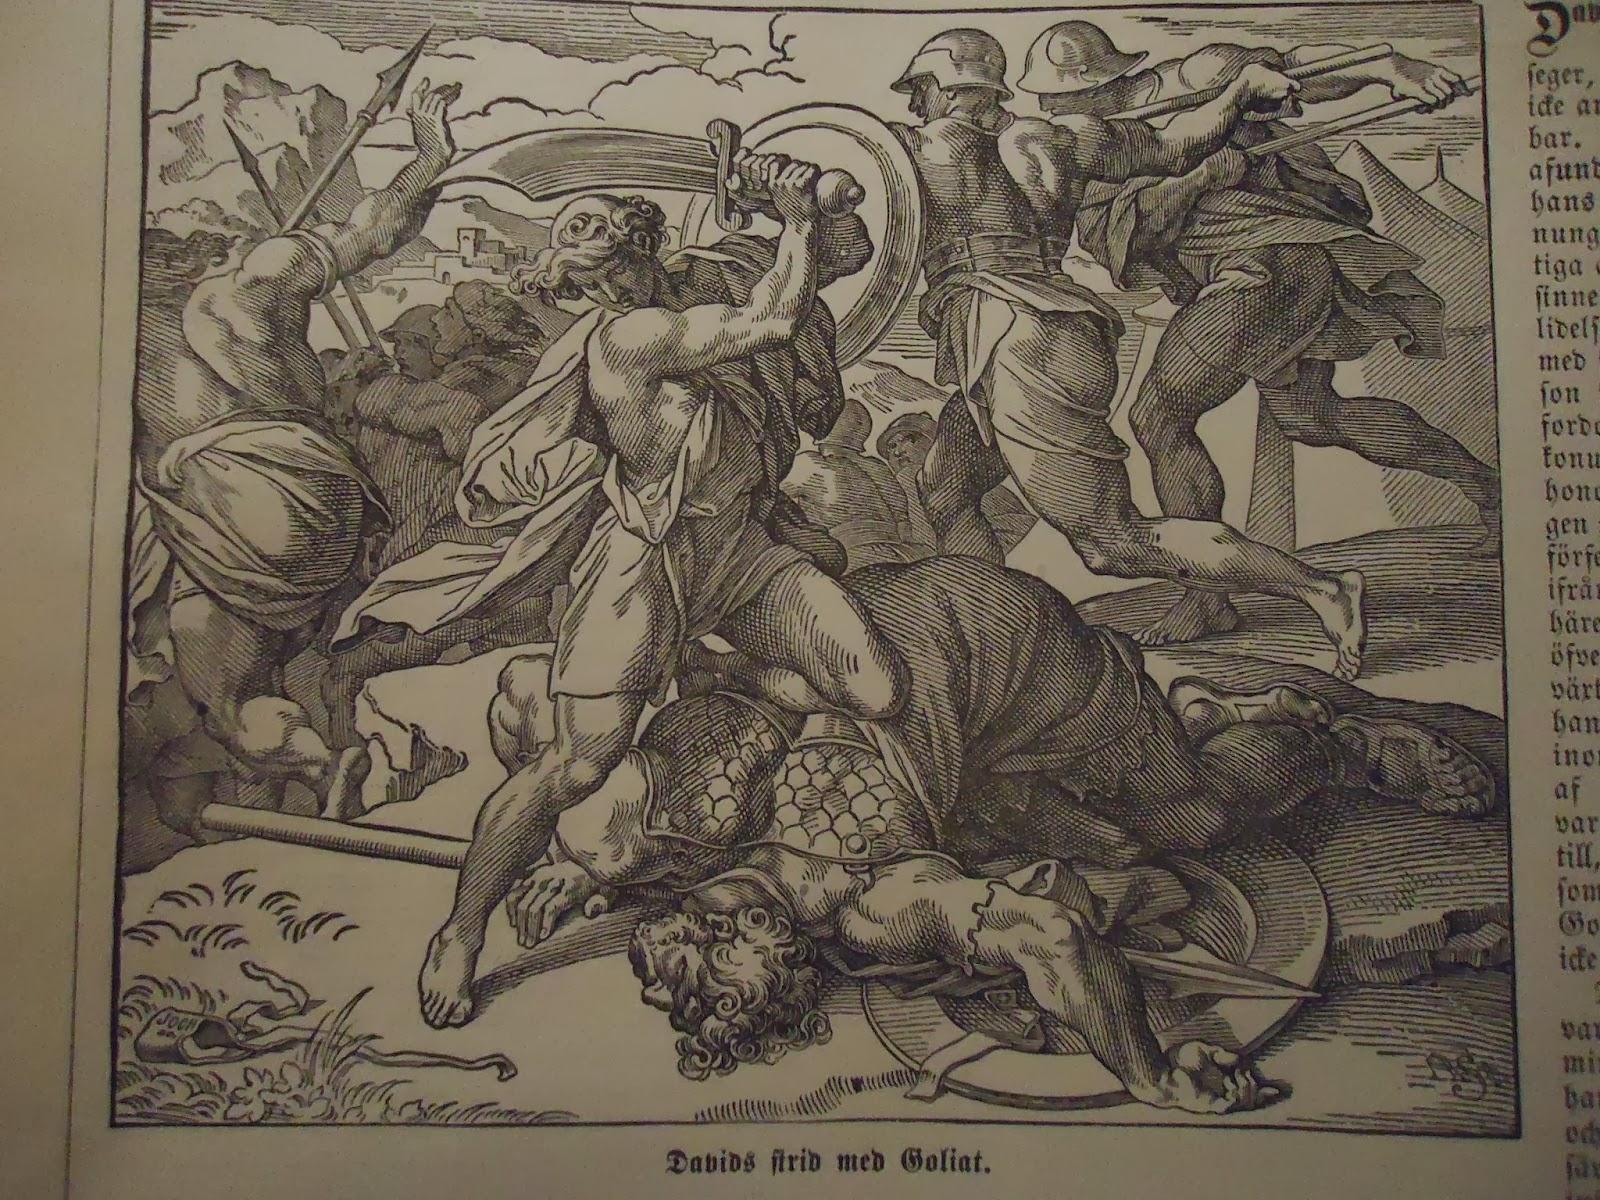 Bildresultat för david och goliat Bibeln illustrationer